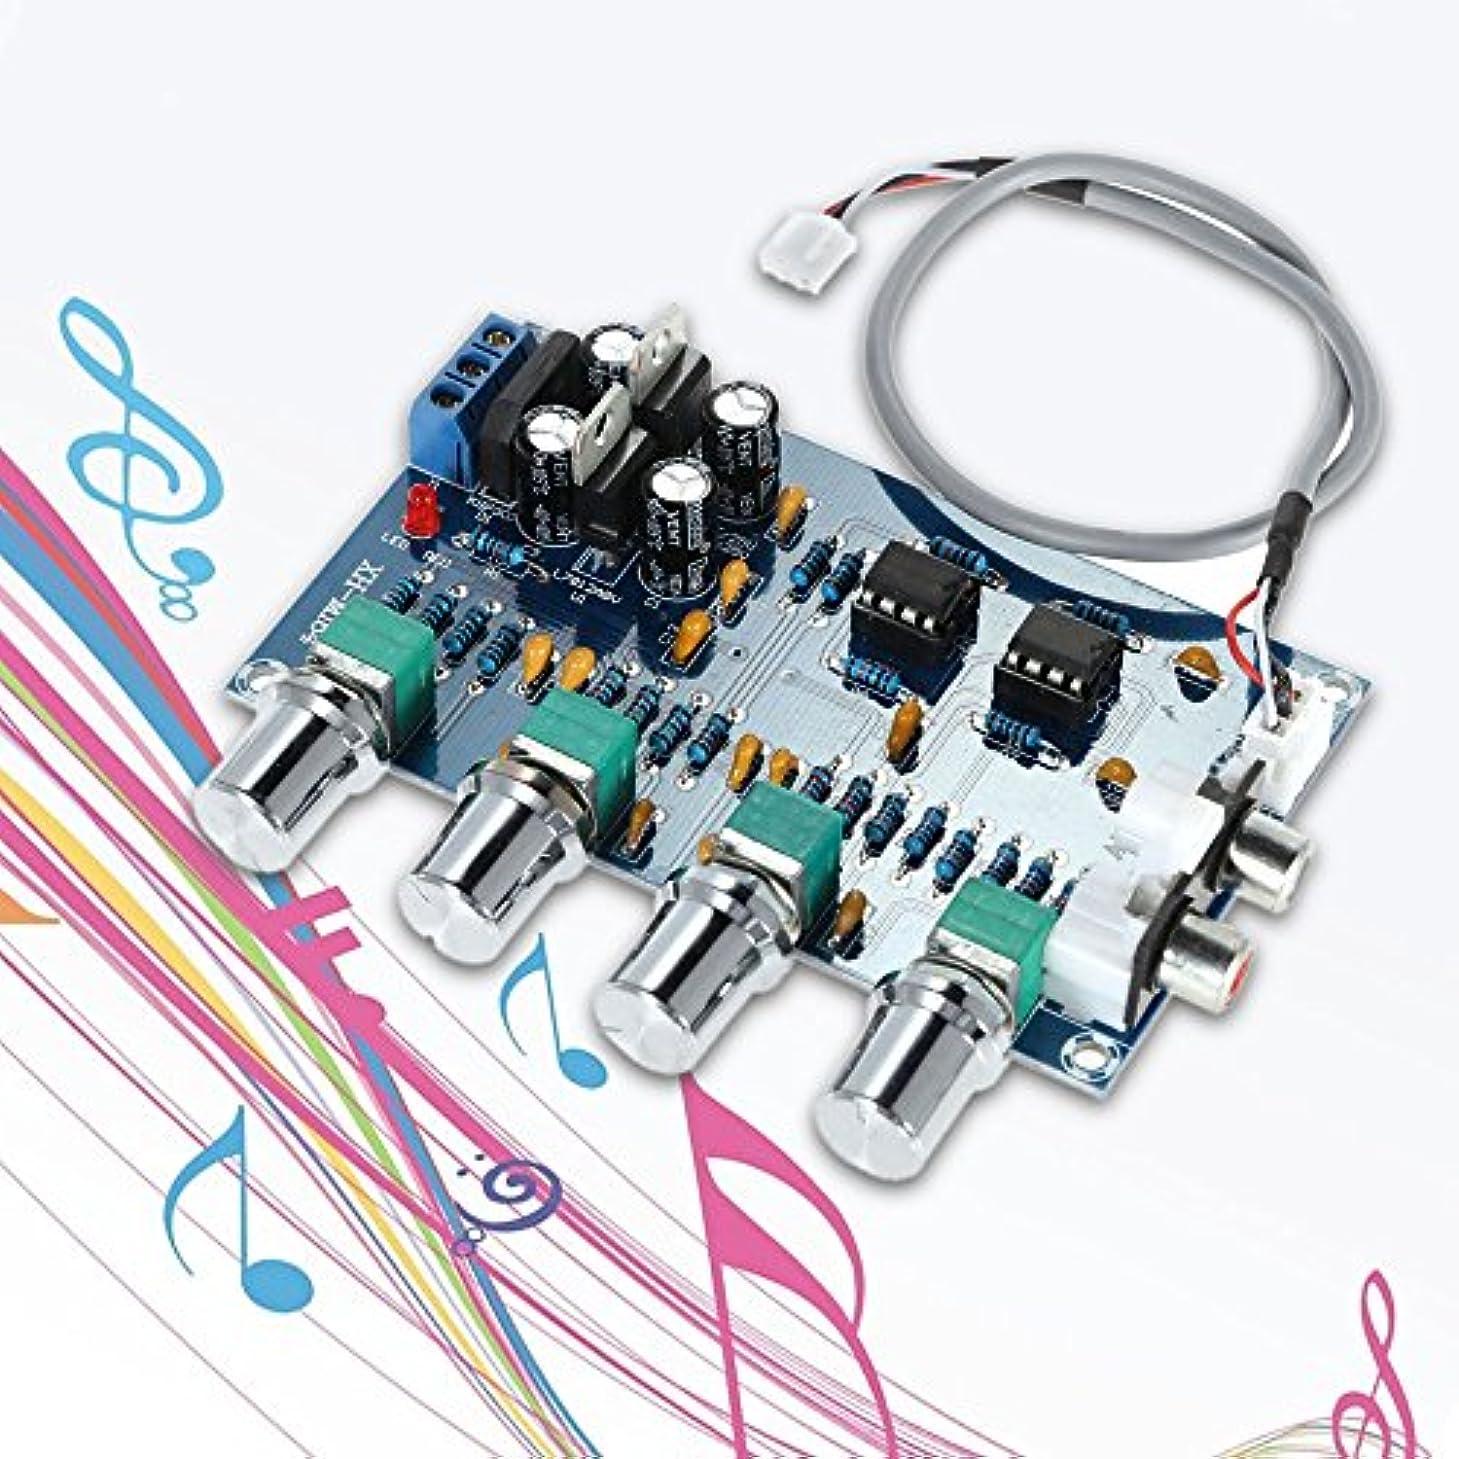 ラップ符号ヒューマニスティックWunes - NE5532オーディオ4つのチャンネルのプリアンプのトーンボード品質ステレオプリアンプアンプボード専門の電話チャネル?アンプ